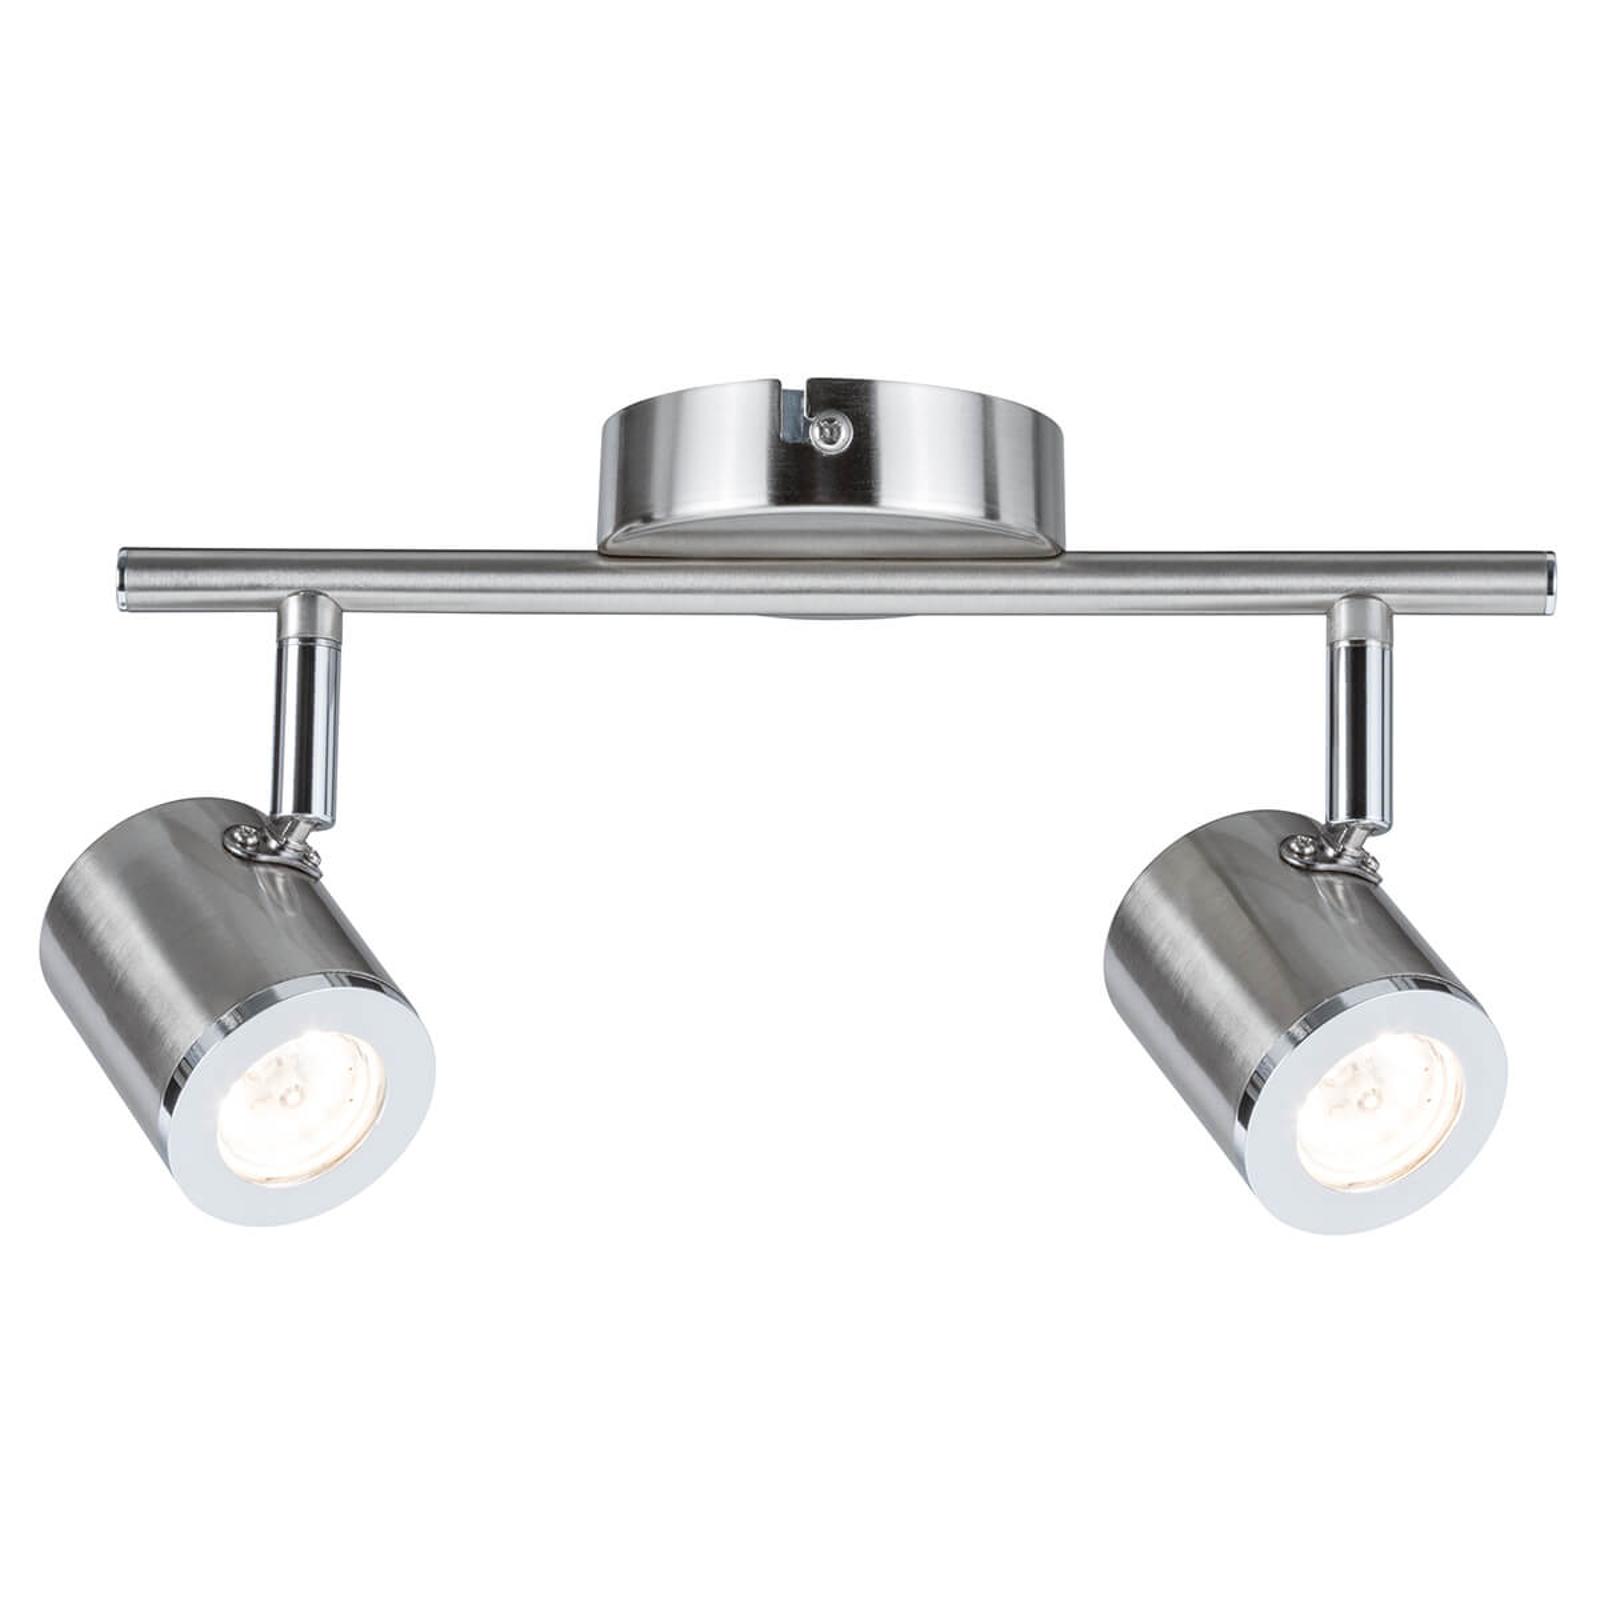 LED taklampe Tumbler med varmhvitt lys